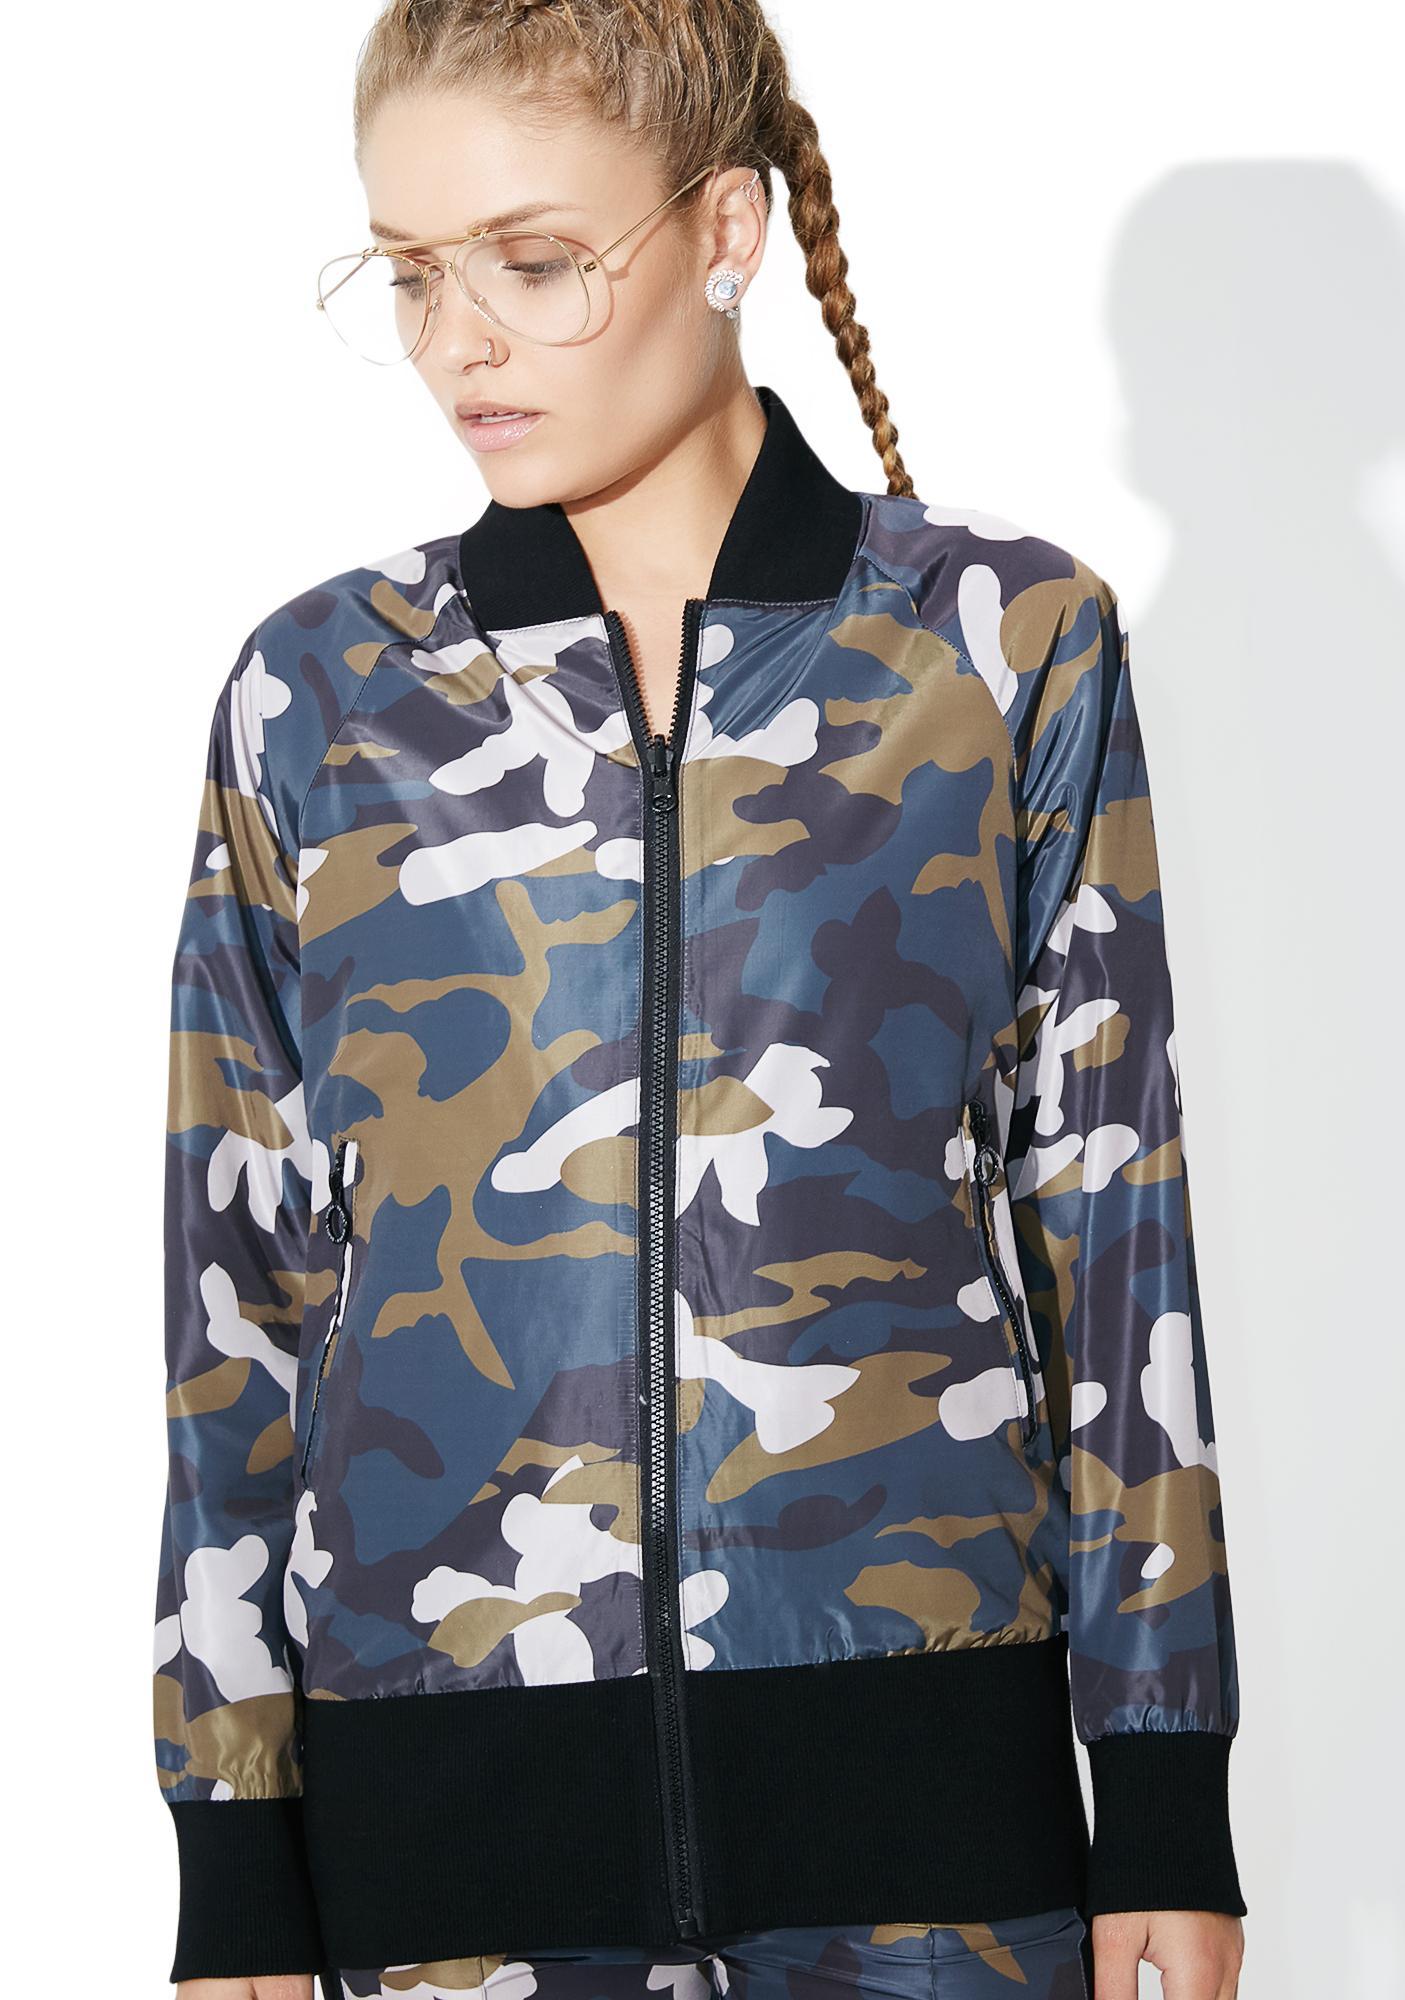 OKAYLA Camo Jacket